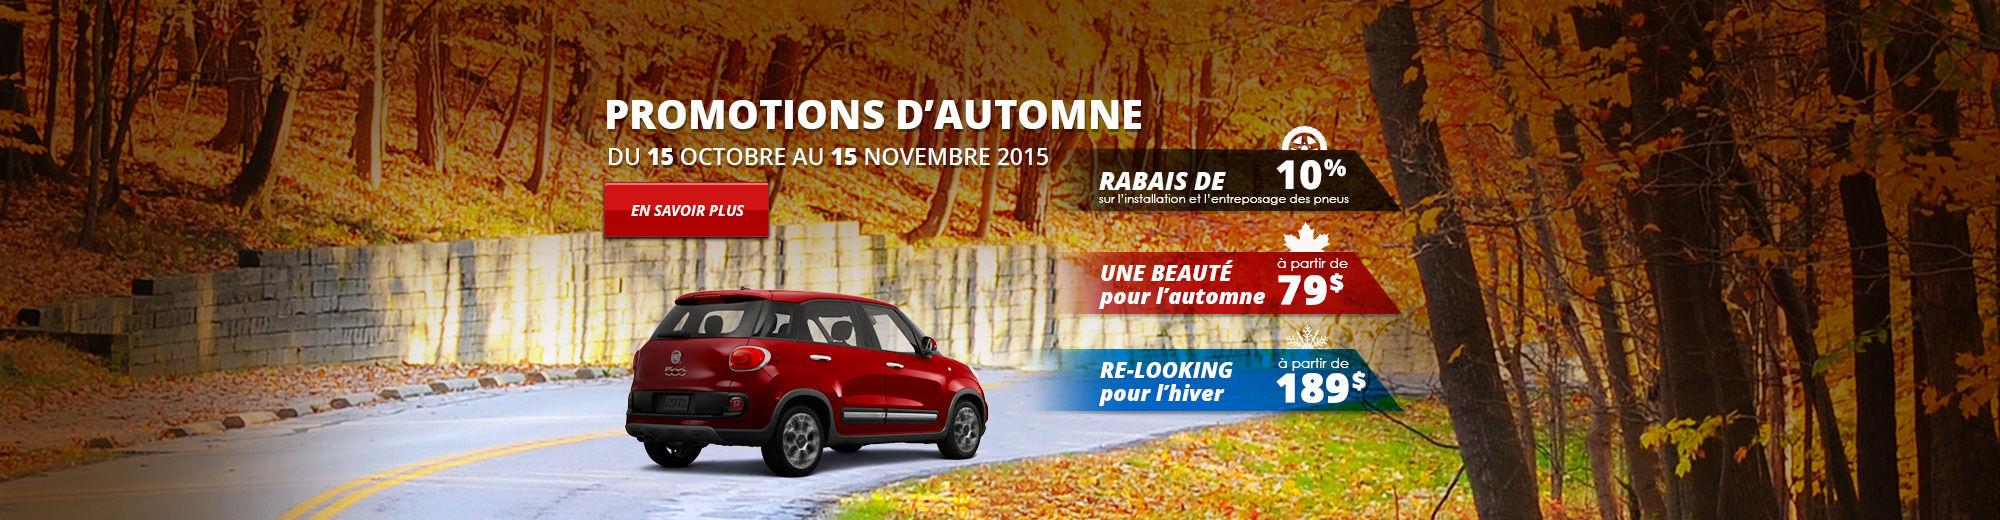 Promotions d'automne 2015